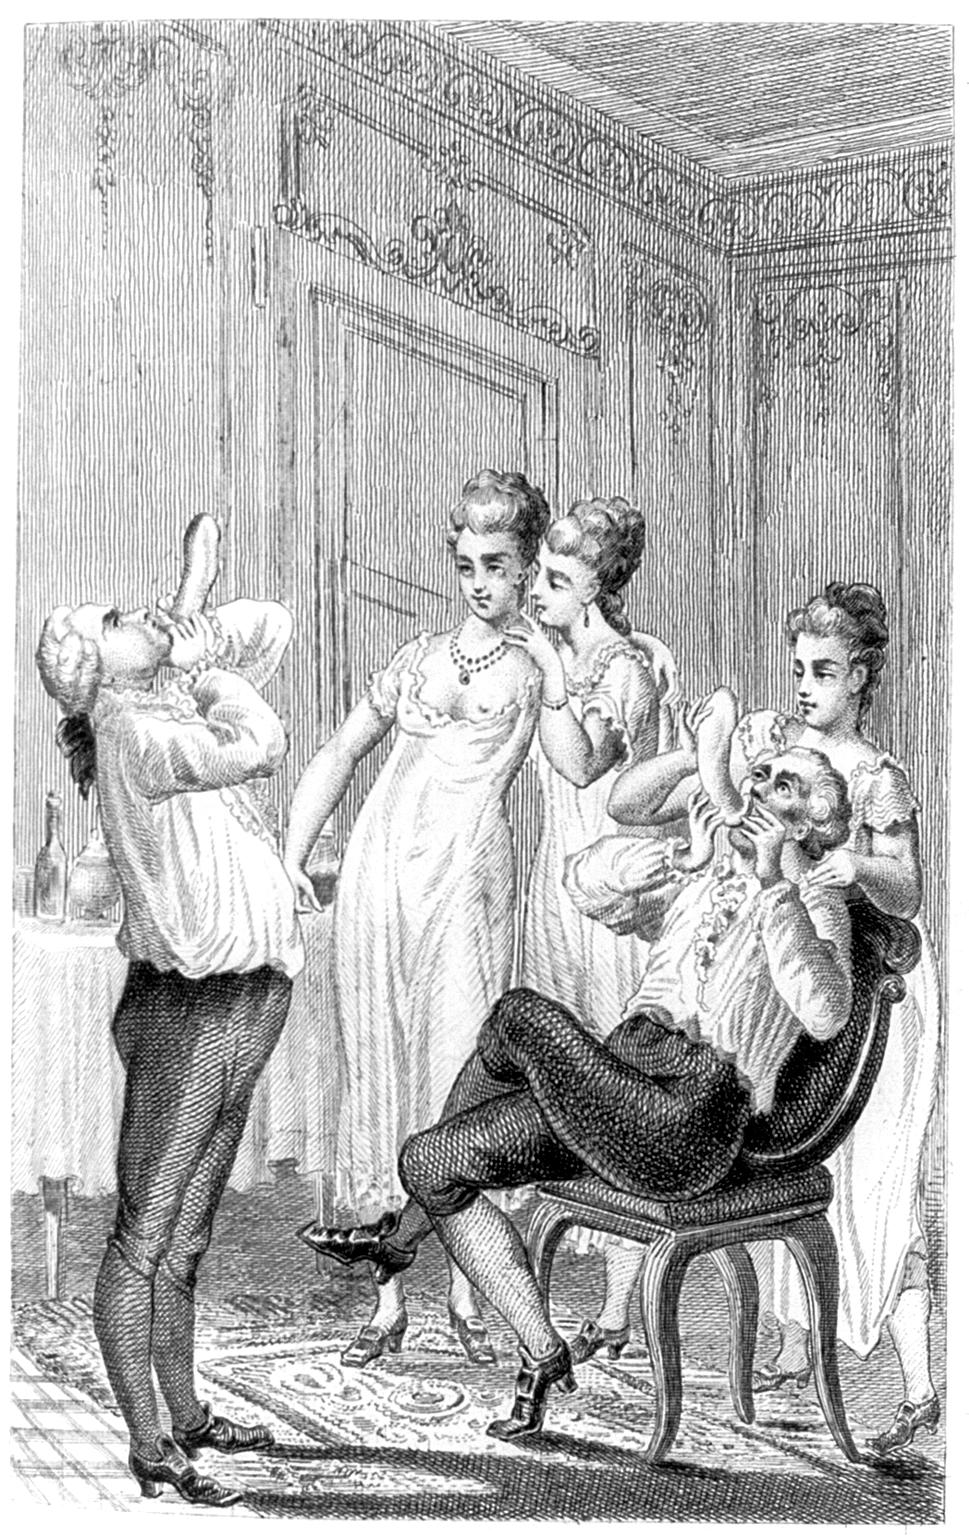 condoomgebruik_in_de_19e_eeuw.png